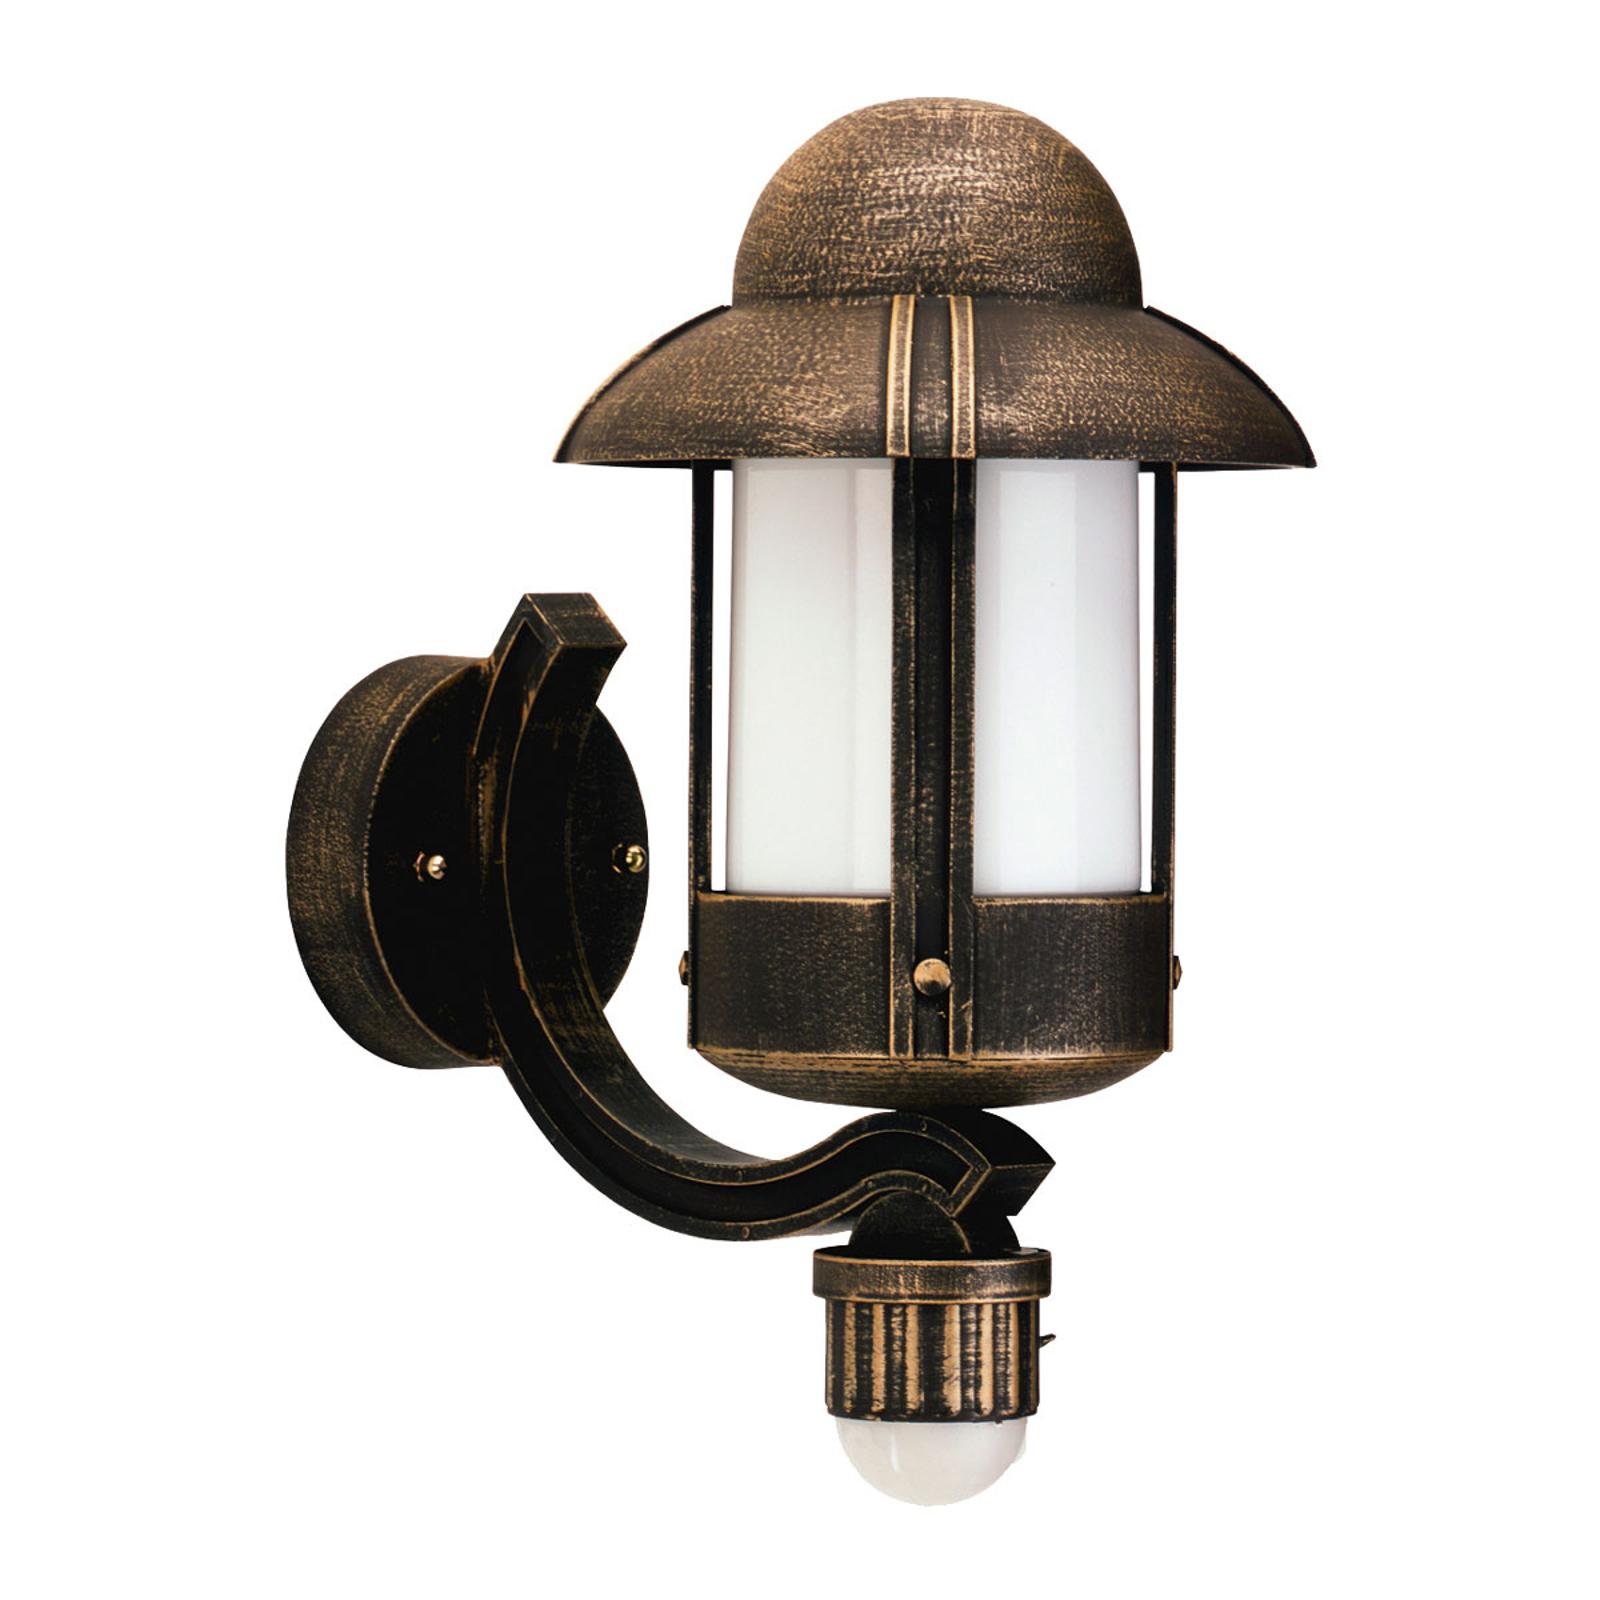 Zewnętrzna lampa ścienna Dorothee brązowa